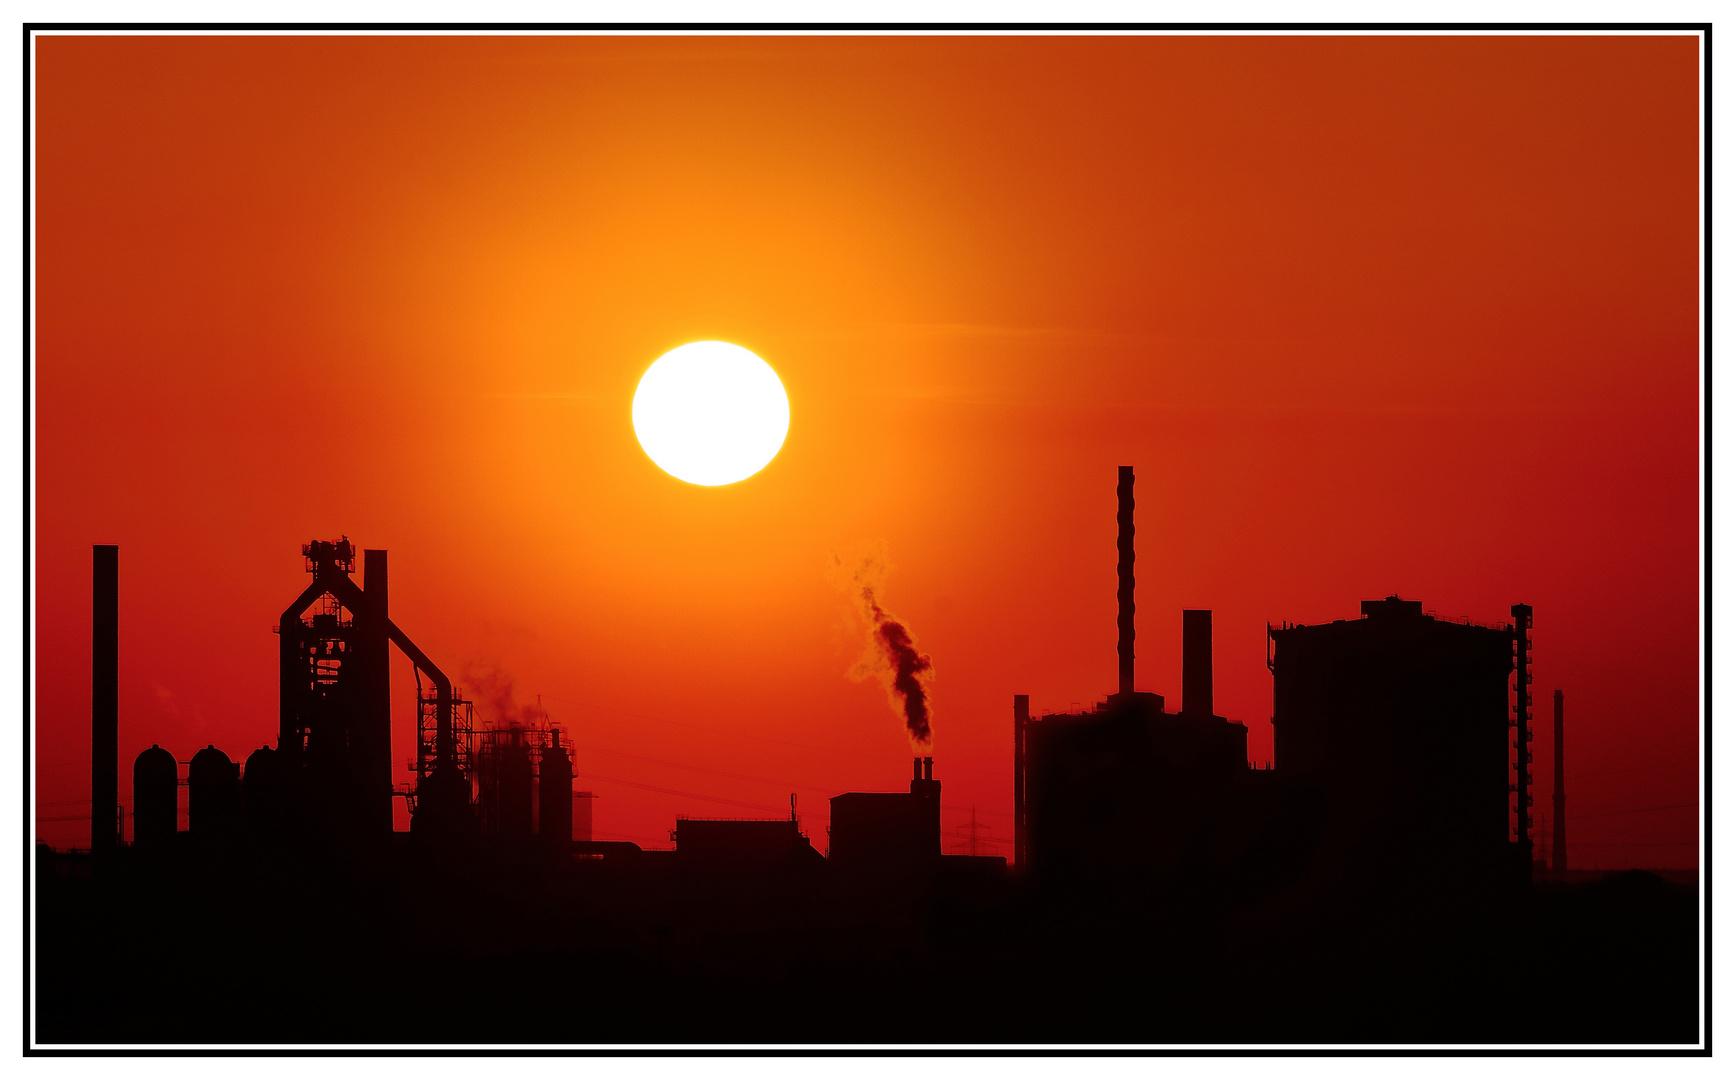 Tief im Westen, wo die Sonne verstaubt...